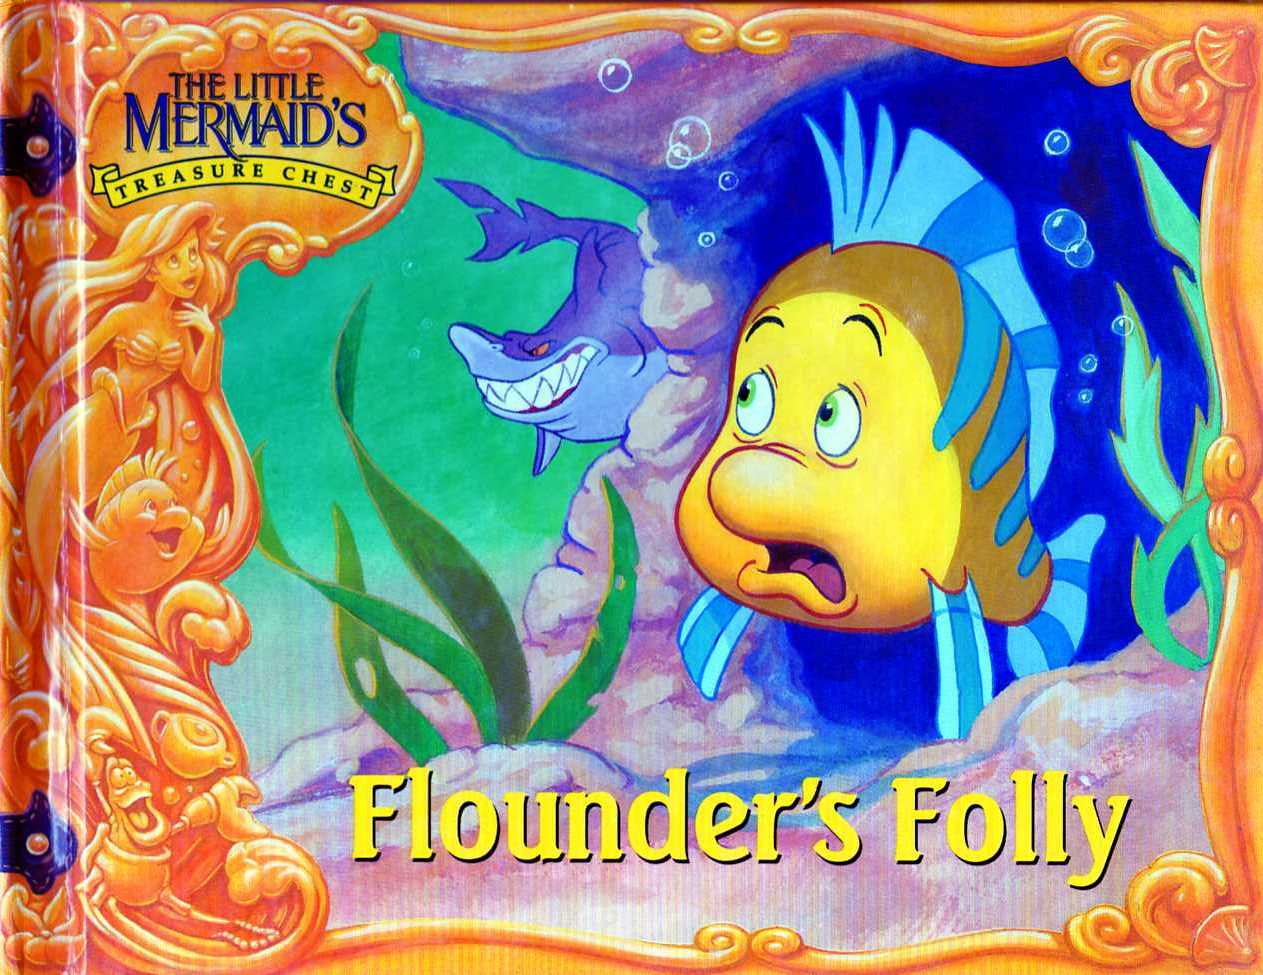 Flounder's Folly